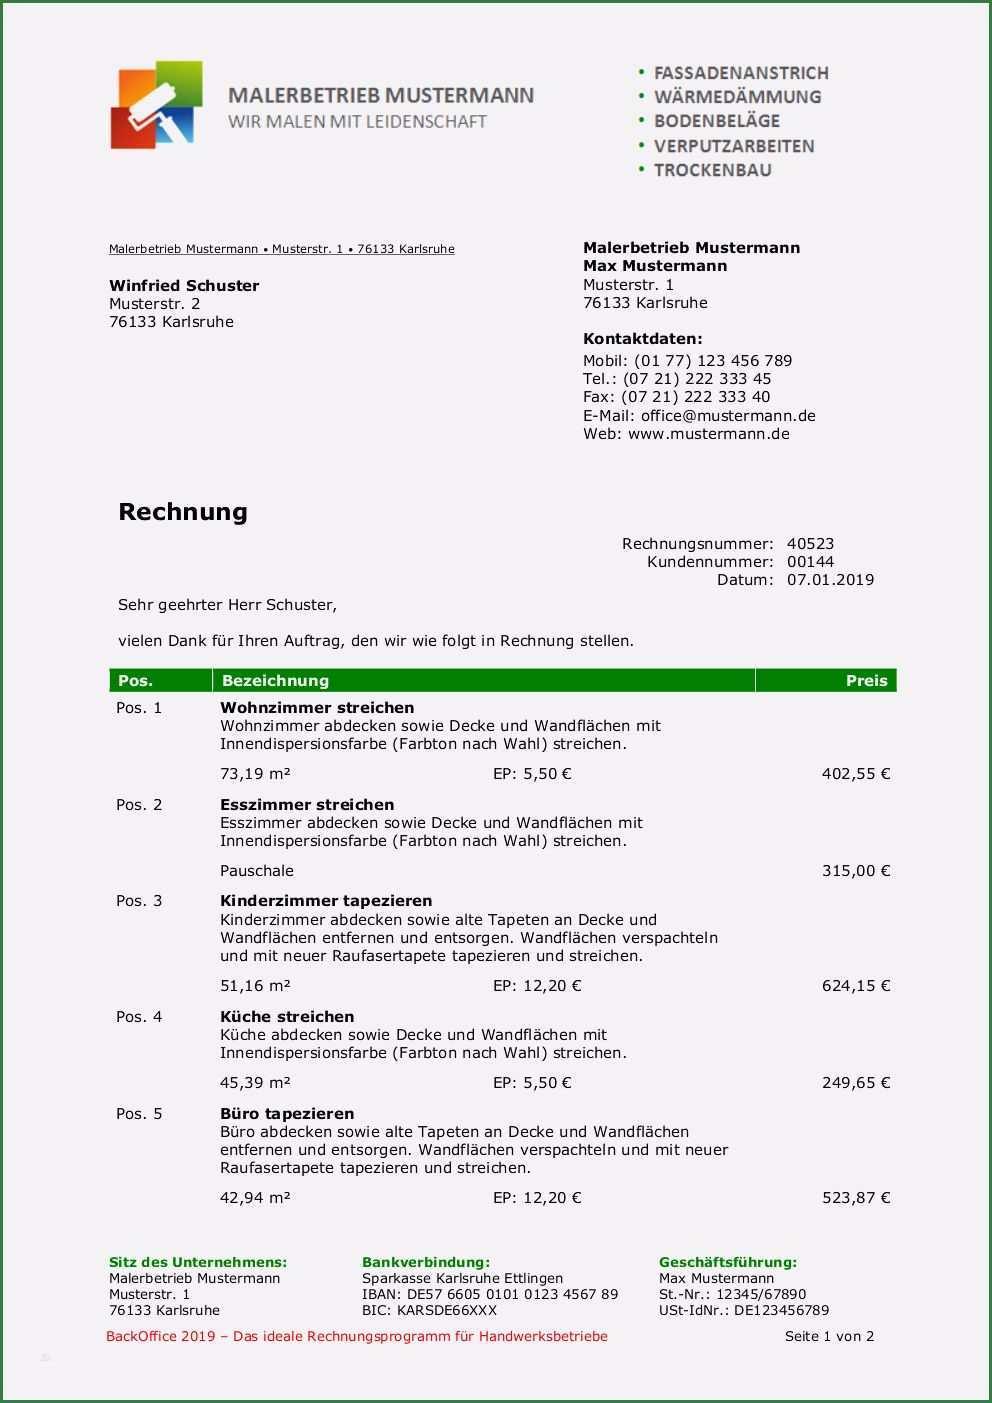 22 Genial Muster Vorlage Rechnung Kleinunternehmer Bilder Briefkopf Vorlage Rechnung Vorlage Vorlagen